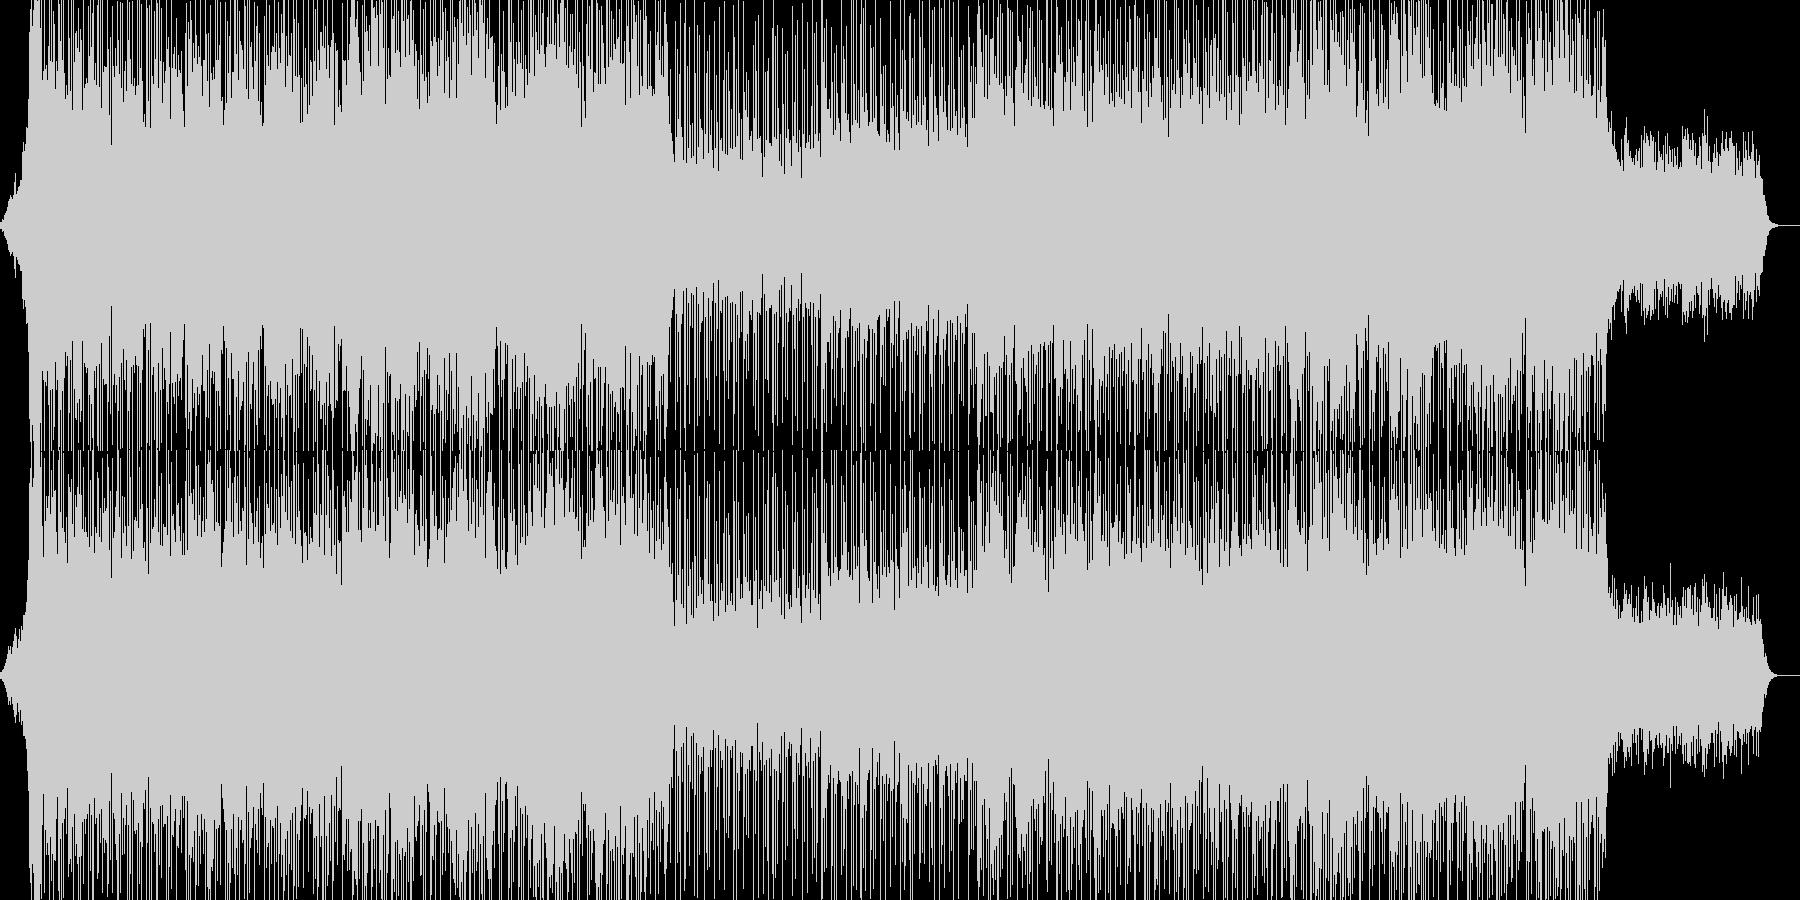 EDM明るいクラブ系キラキラシンセ-01の未再生の波形